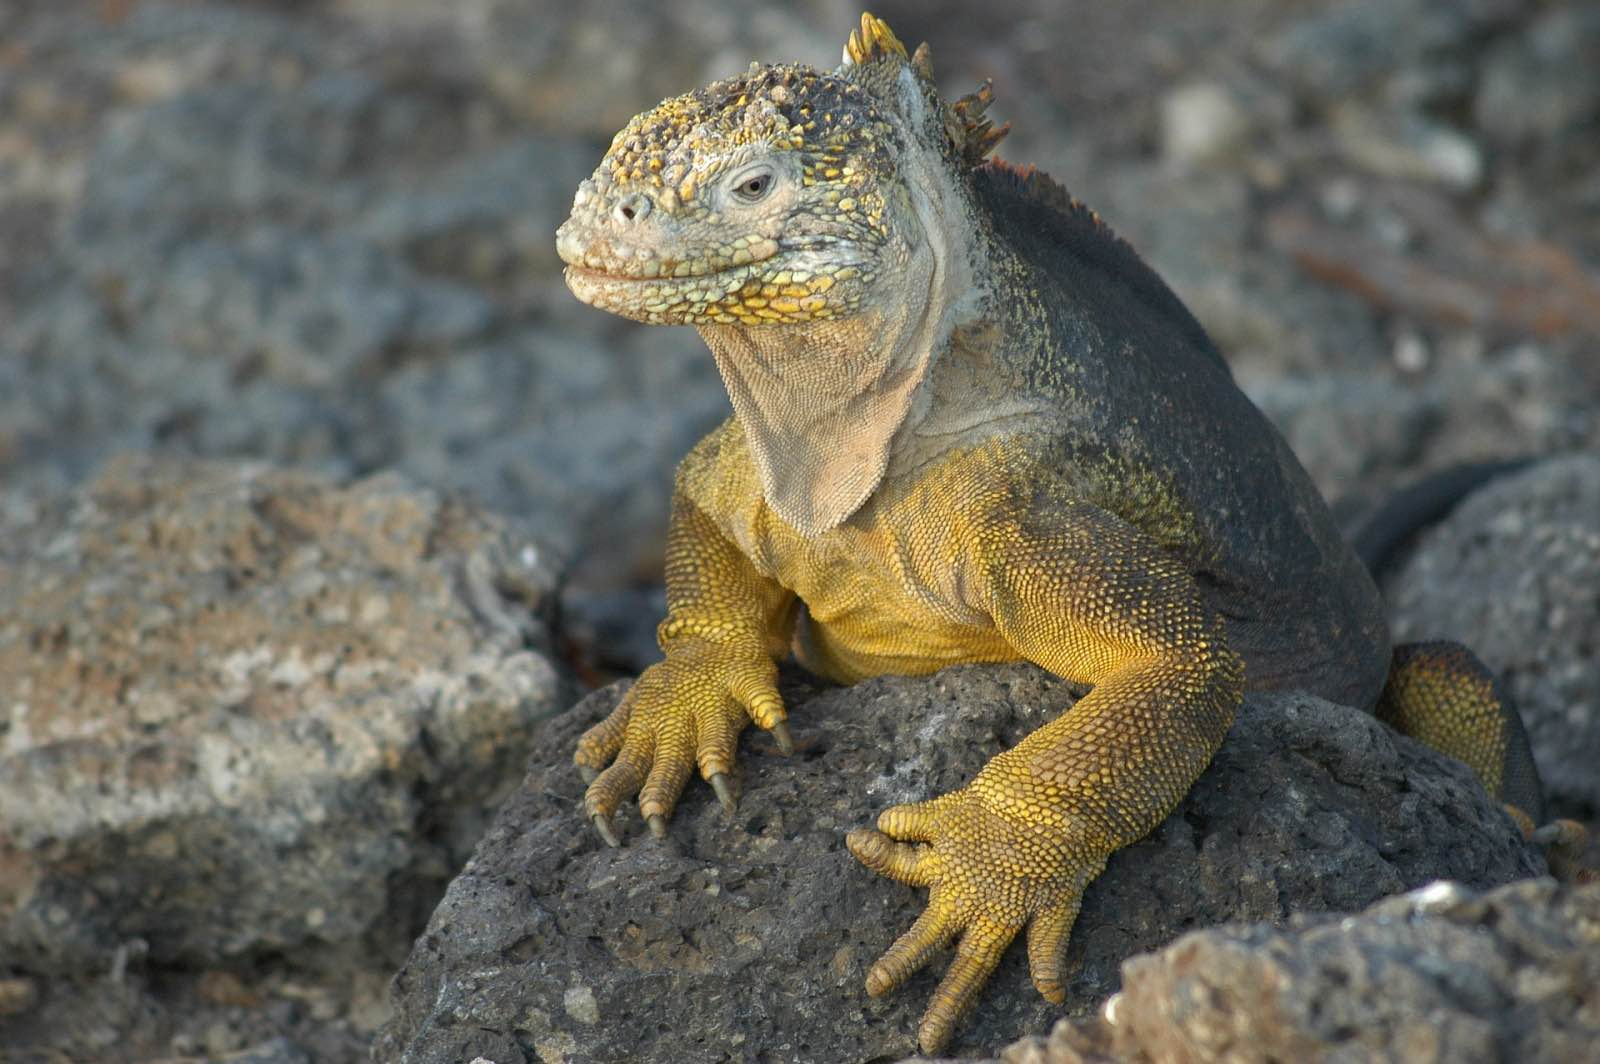 Iguana, Galapagos Islands